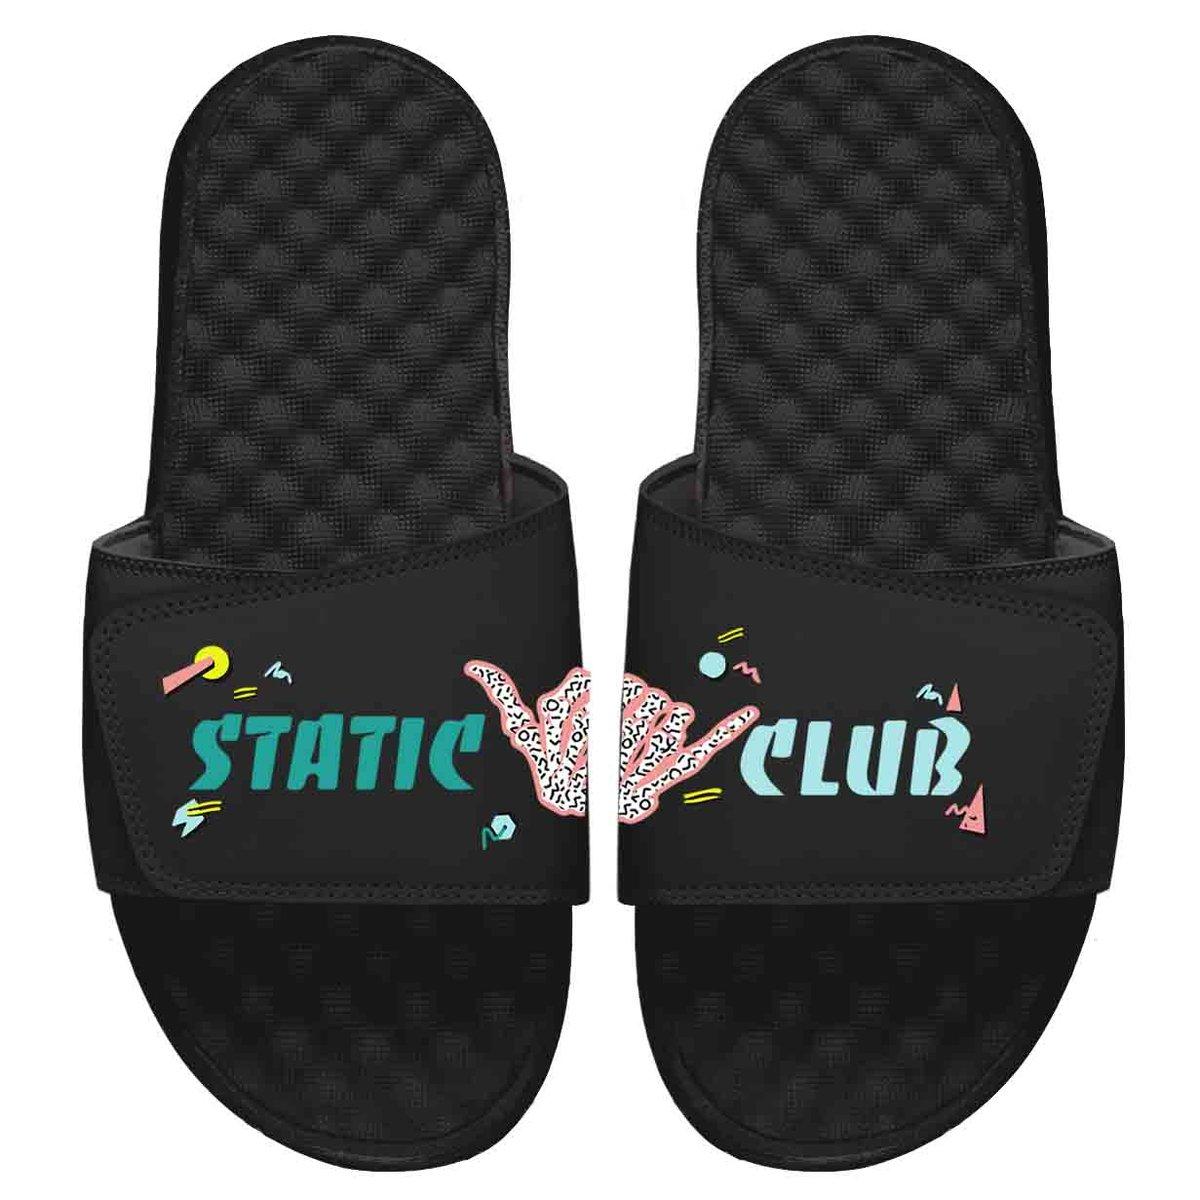 Retro Slides